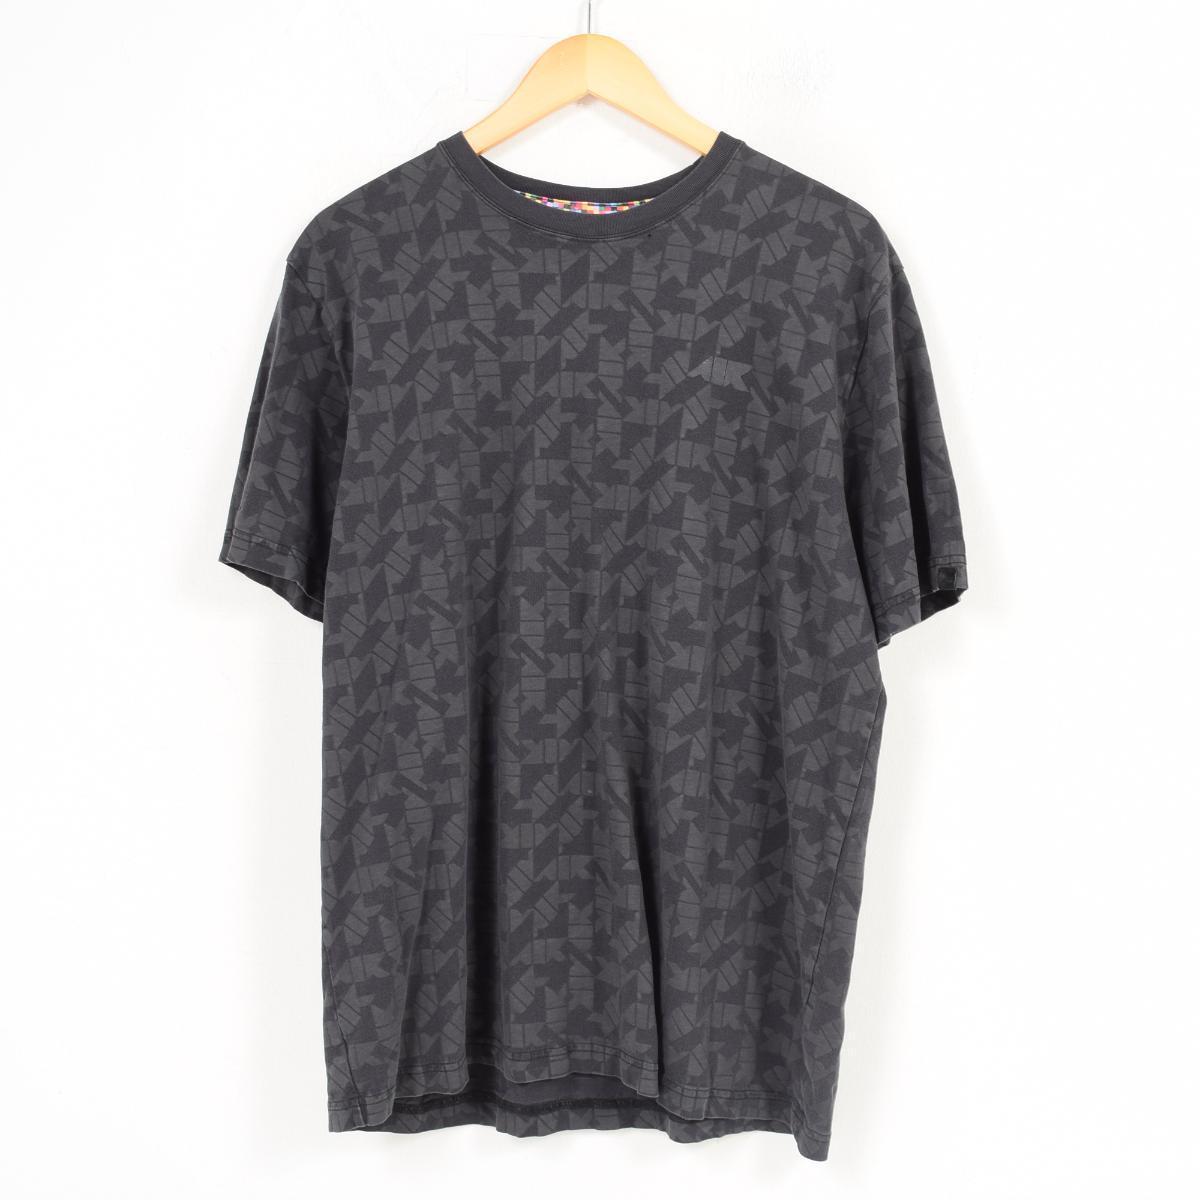 Vintage Clothing Jam Nike Nike Whole Pattern Print T Shirt Men L